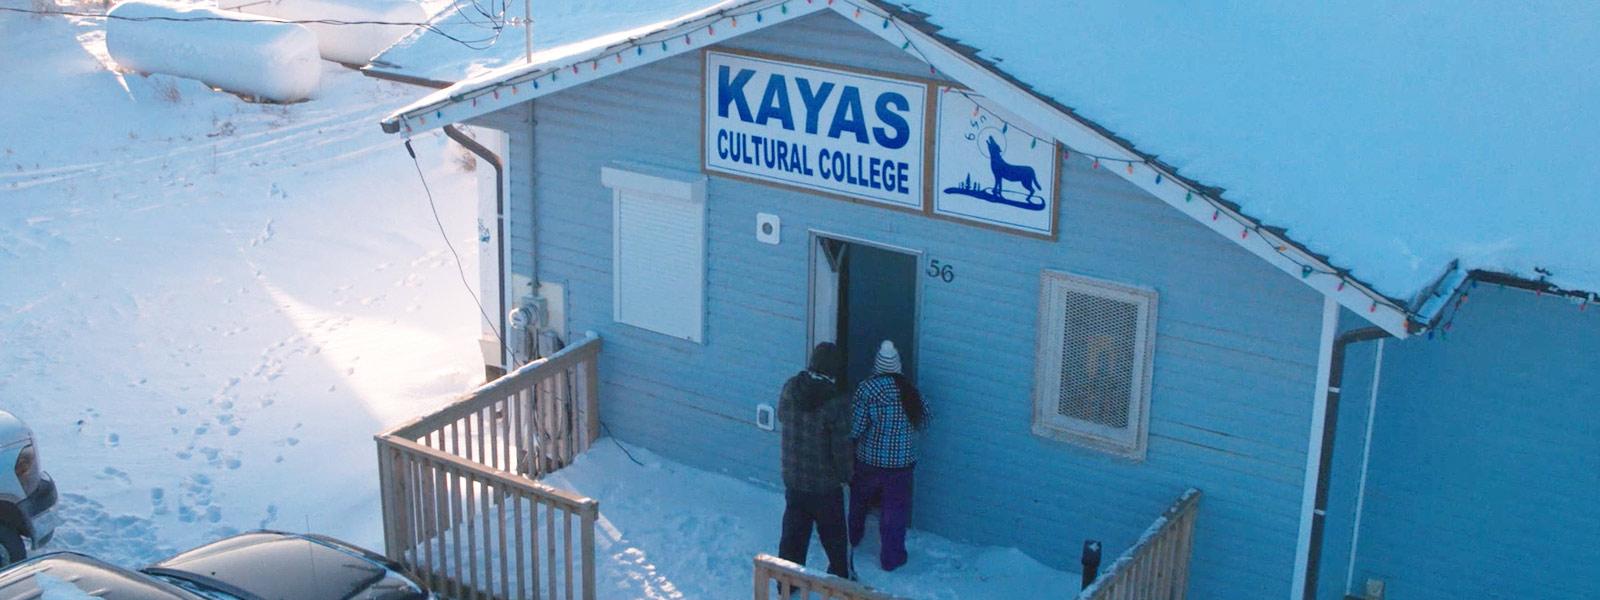 Extérieur d'un bâtiment du Kayas Cultural College en une journée enneigée avec deux étudiants qui y entrent.